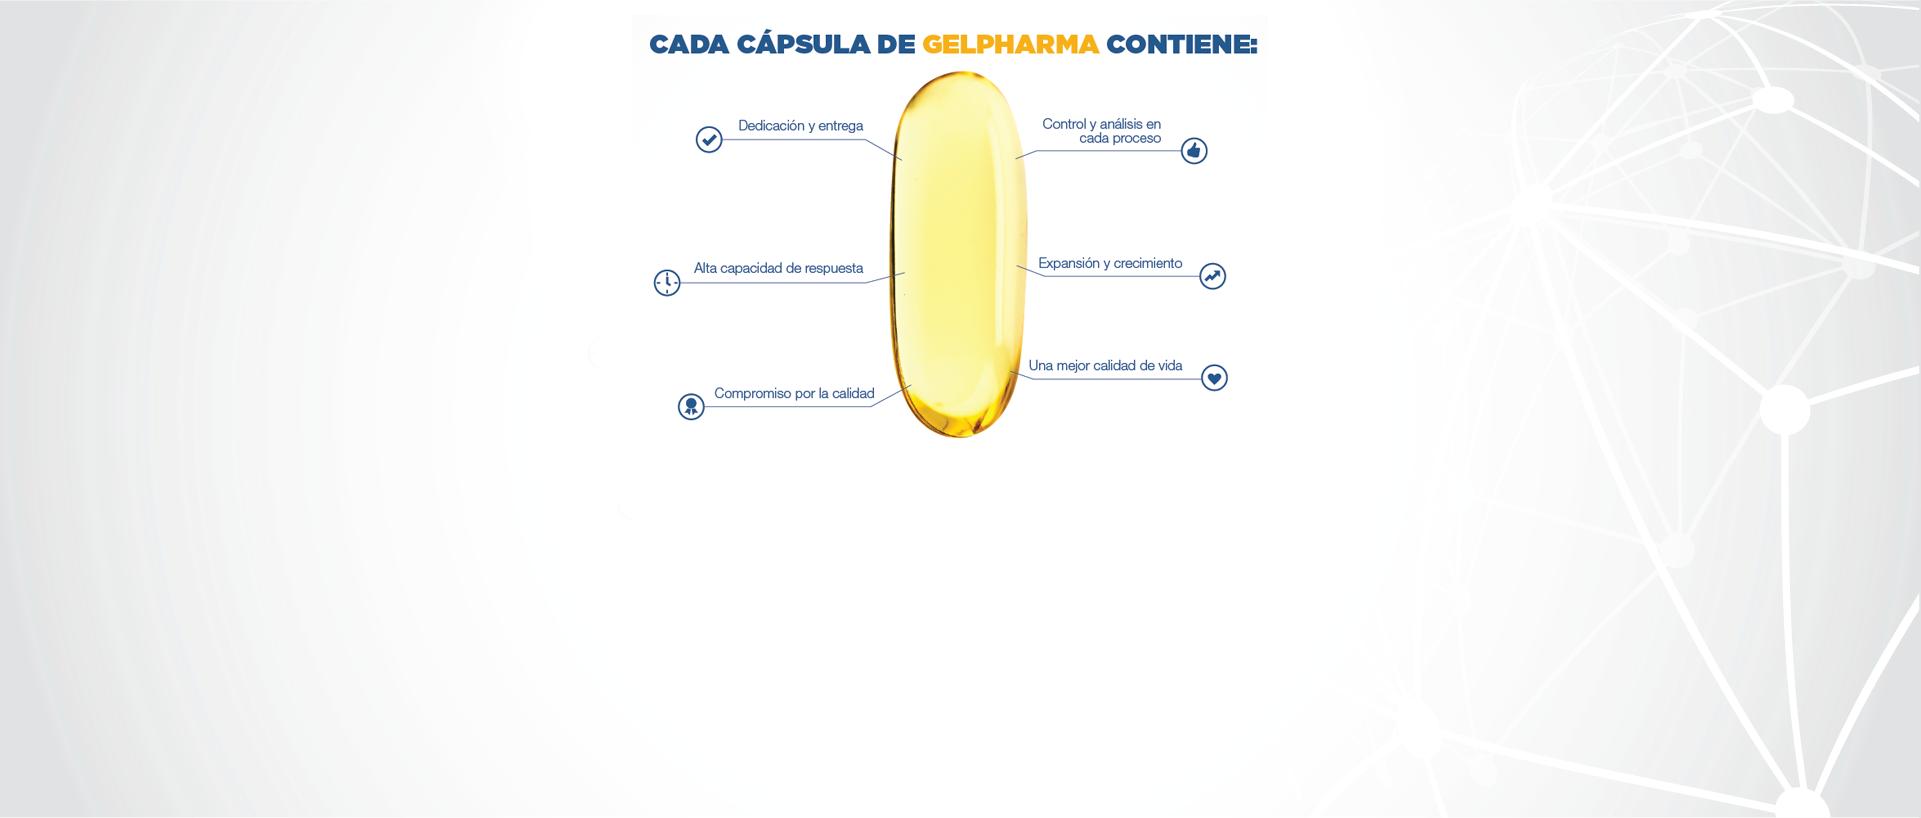 CADA CÁPSULA DE GELPHARMA CONTIENE: